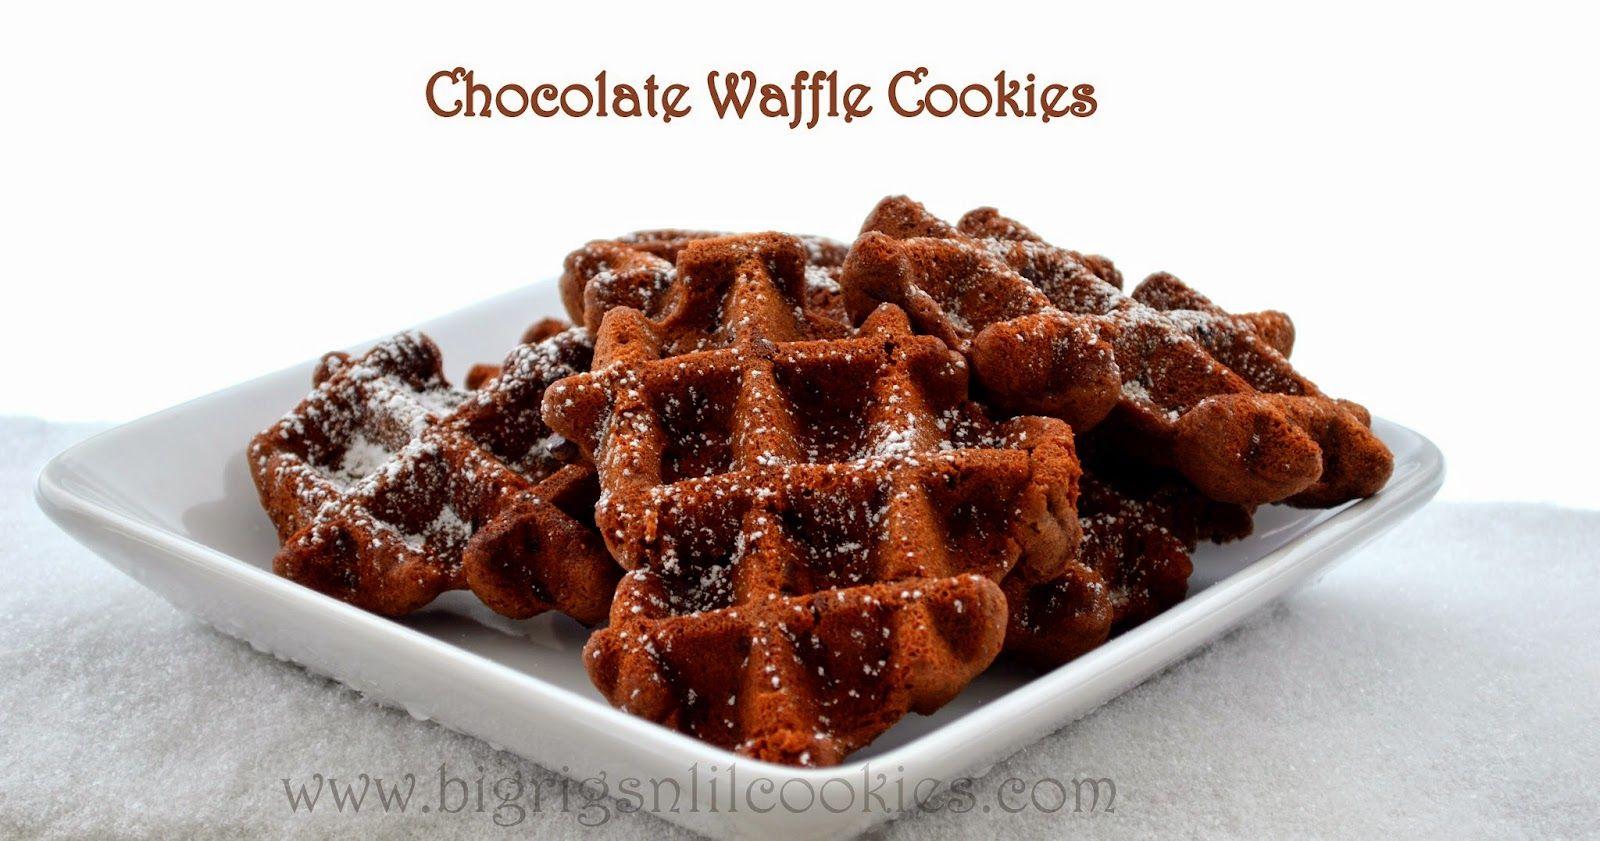 Big Rigs 'n Lil' Cookies: Chocolate Waffle Cookies